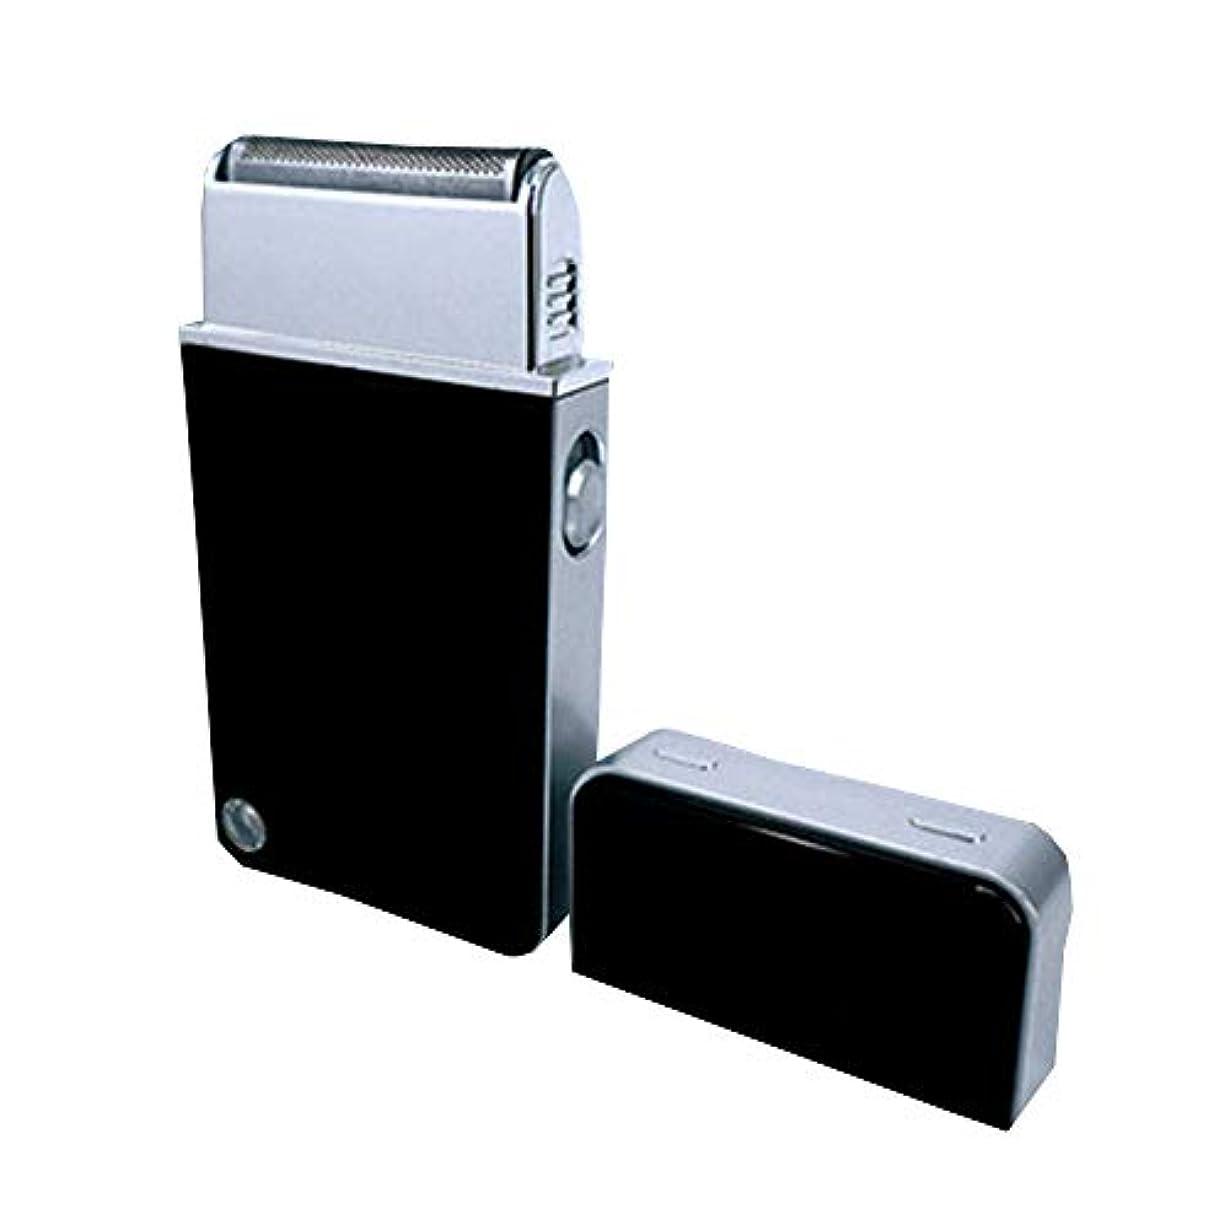 真夜中市民権上陸メンズシェーバー USB充電式 電気シェーバー ひげ剃り コンパクト 携帯用シェーバー 旅行用 軽量 ギフトCSH004